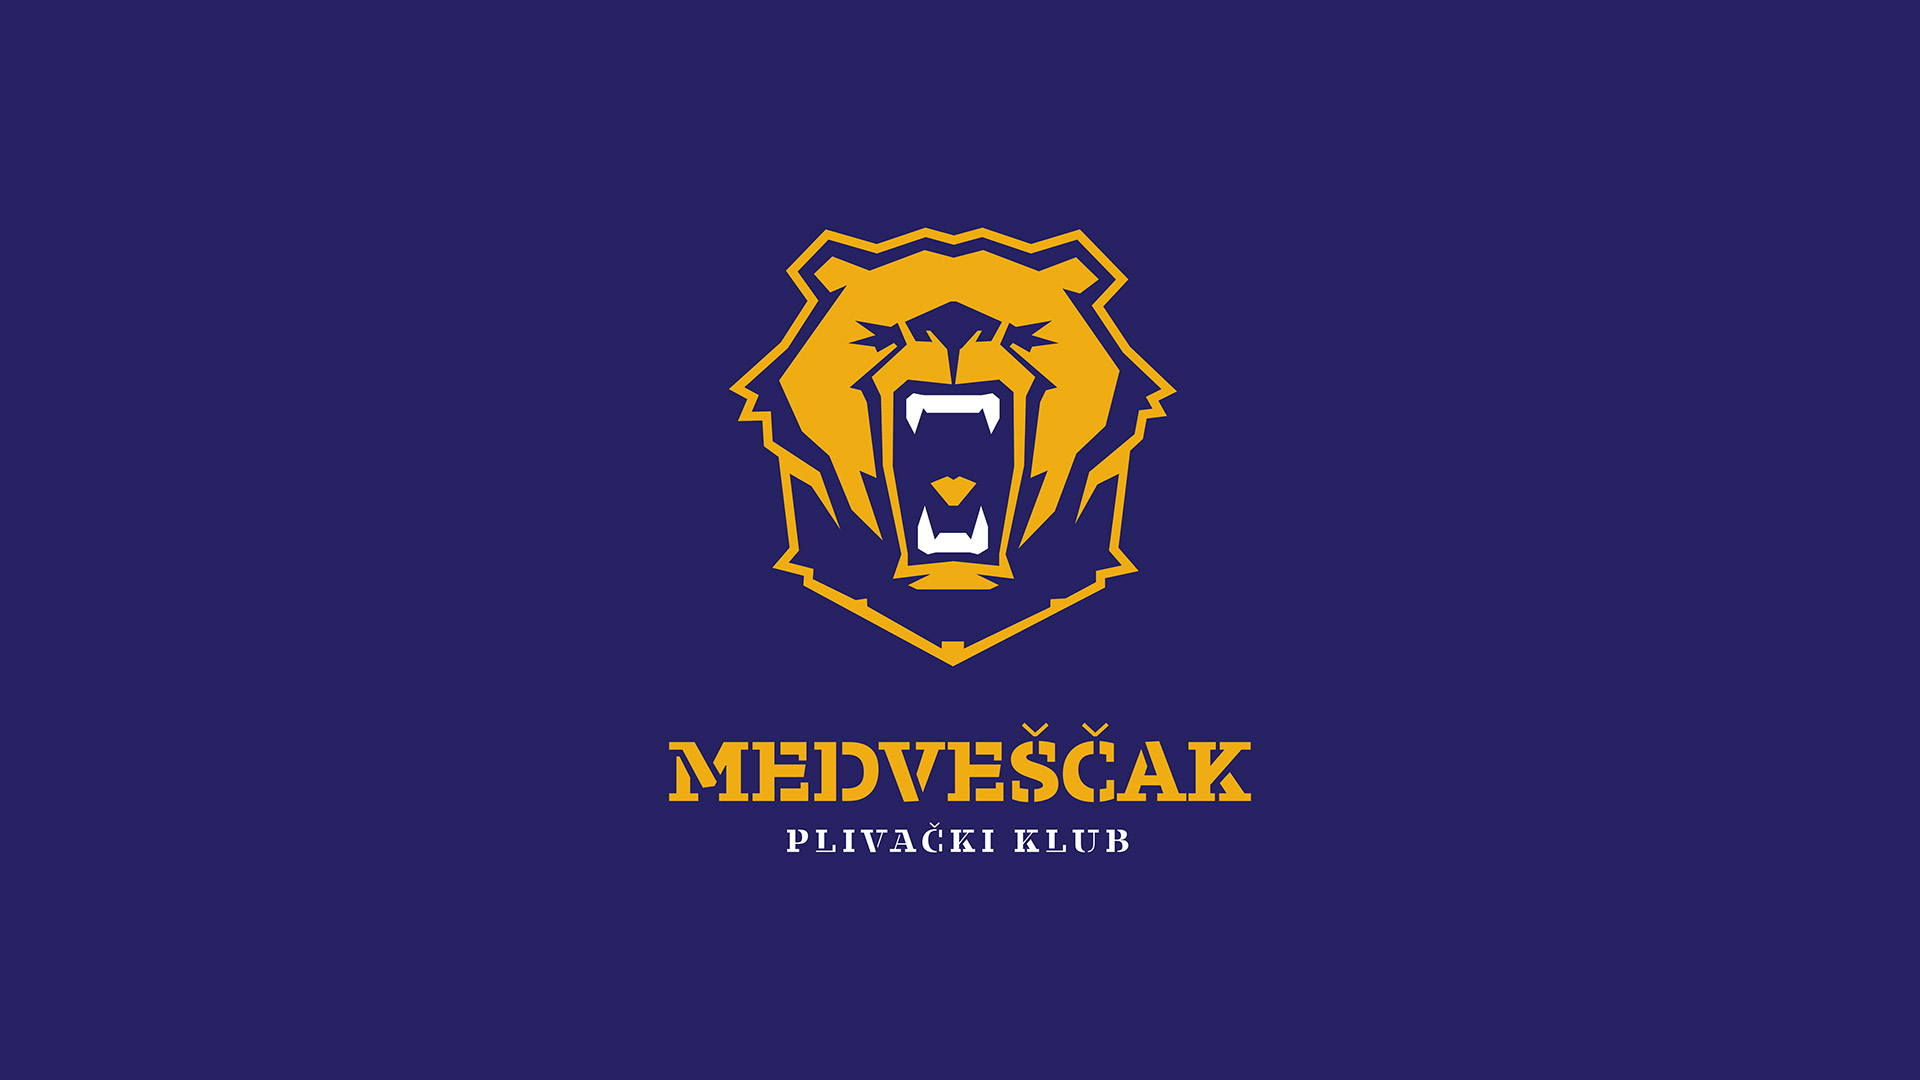 medvescak_pkm-02-dizajn-studio-sudar-zagreb